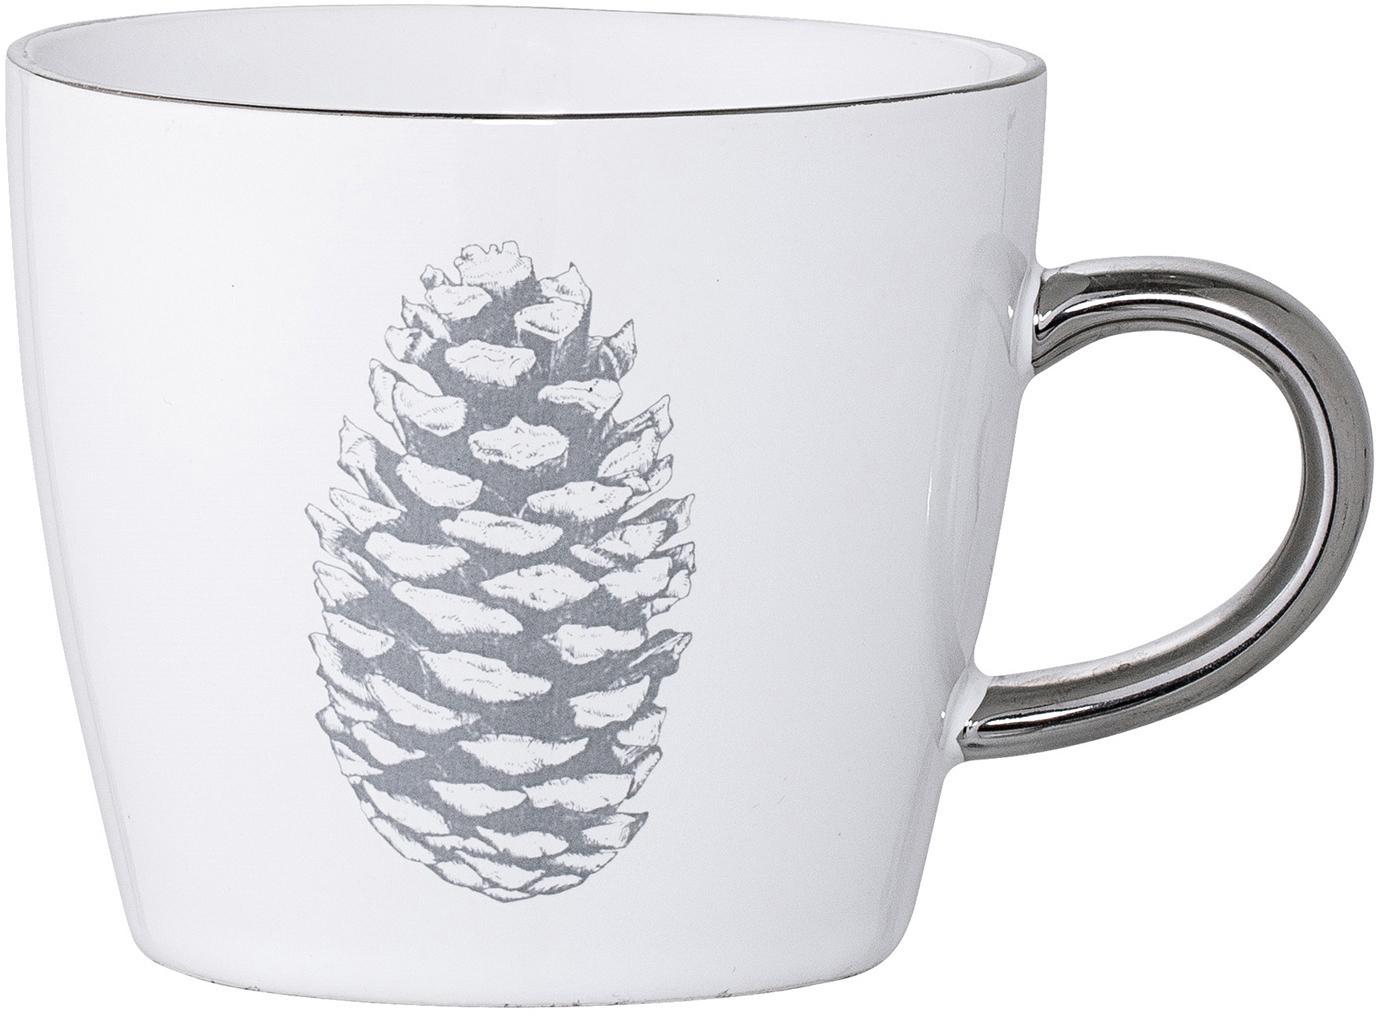 Tassen Frost mit winterlichem Motiv und silbernem Henkel, 2 Stück, Steingut, Weiss, Silberfarben, Hellgrau, Ø 10 x H 8 cm